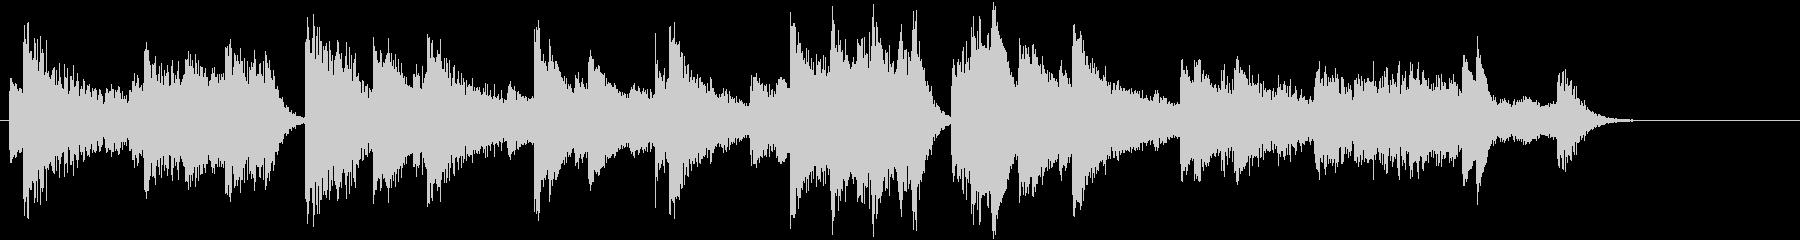 節分!鬼のパンツモチーフピアノジングルBの未再生の波形